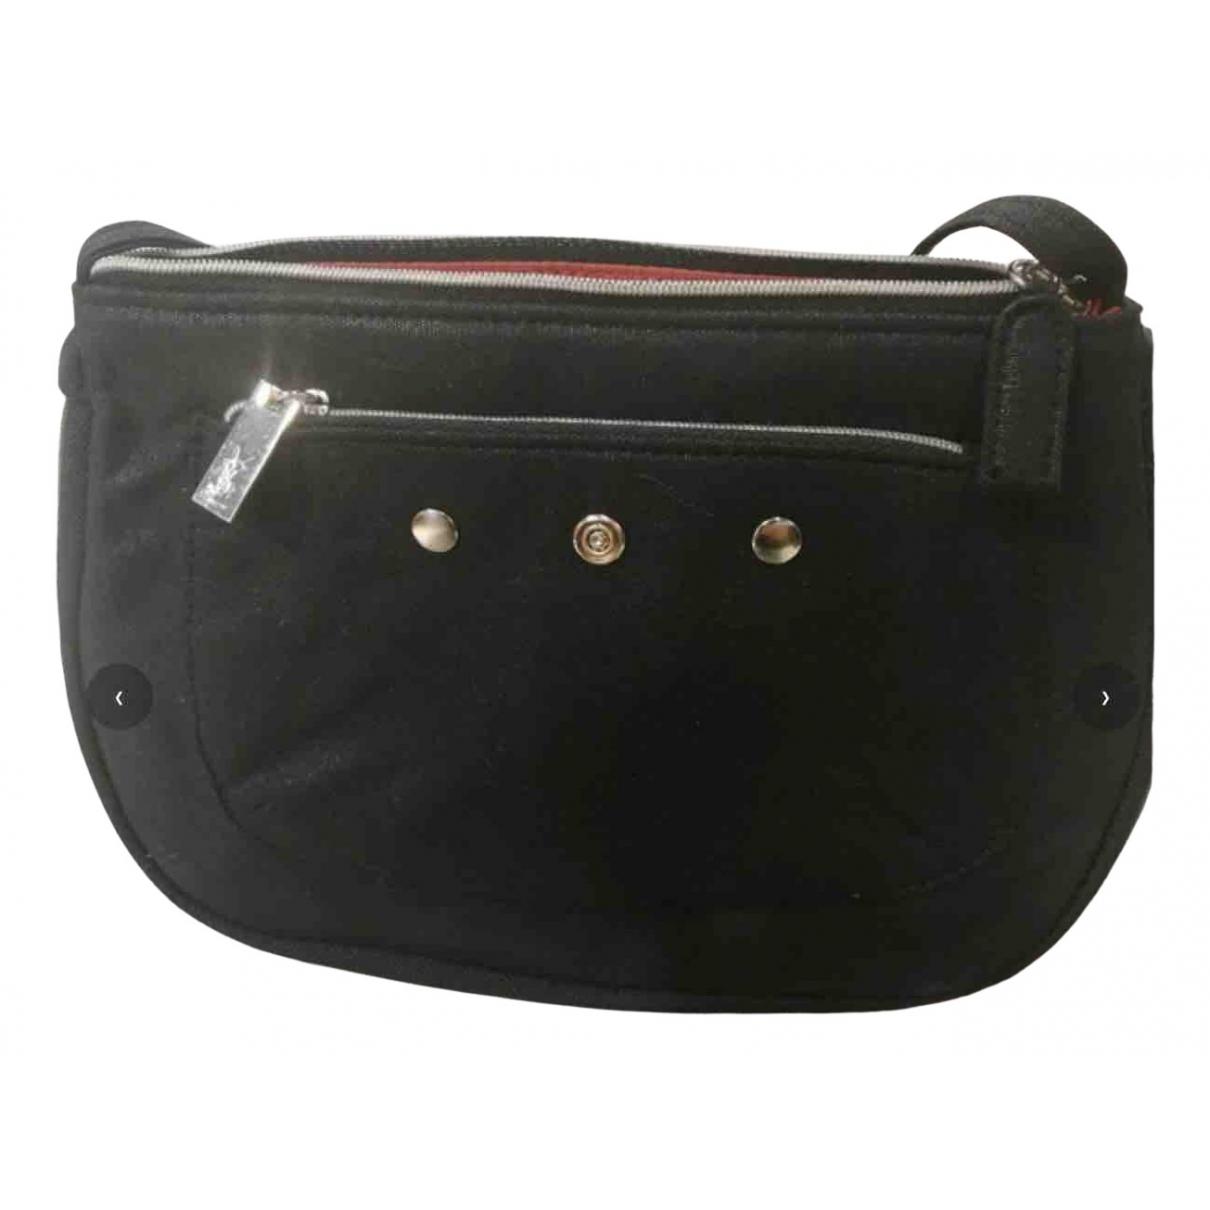 Yves Saint Laurent N Black Clutch bag for Women N